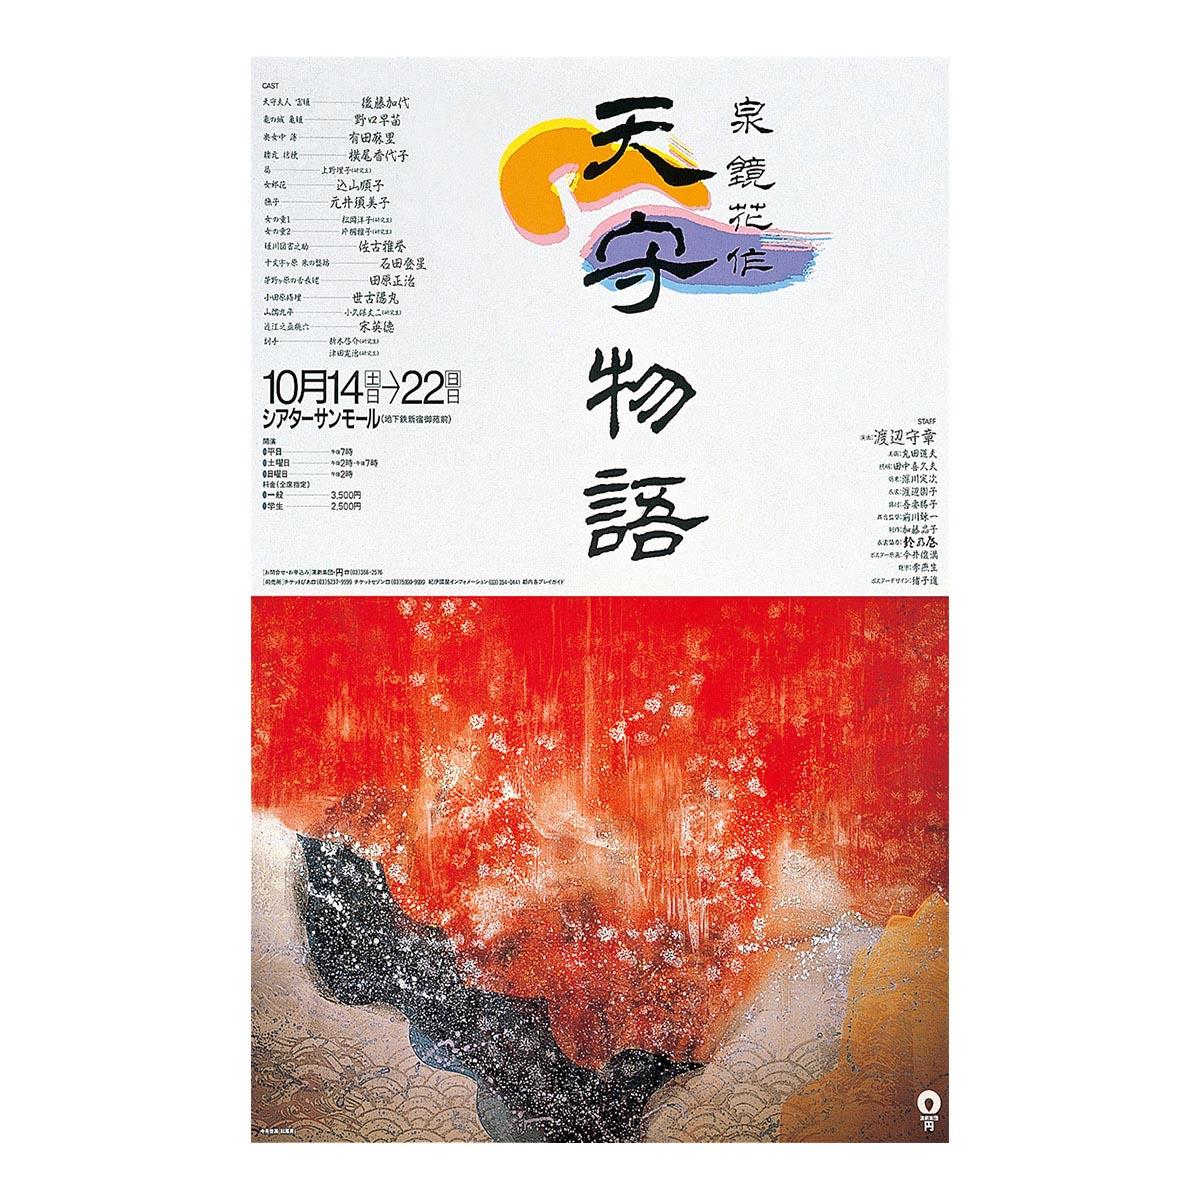 演劇集団円 ポスター